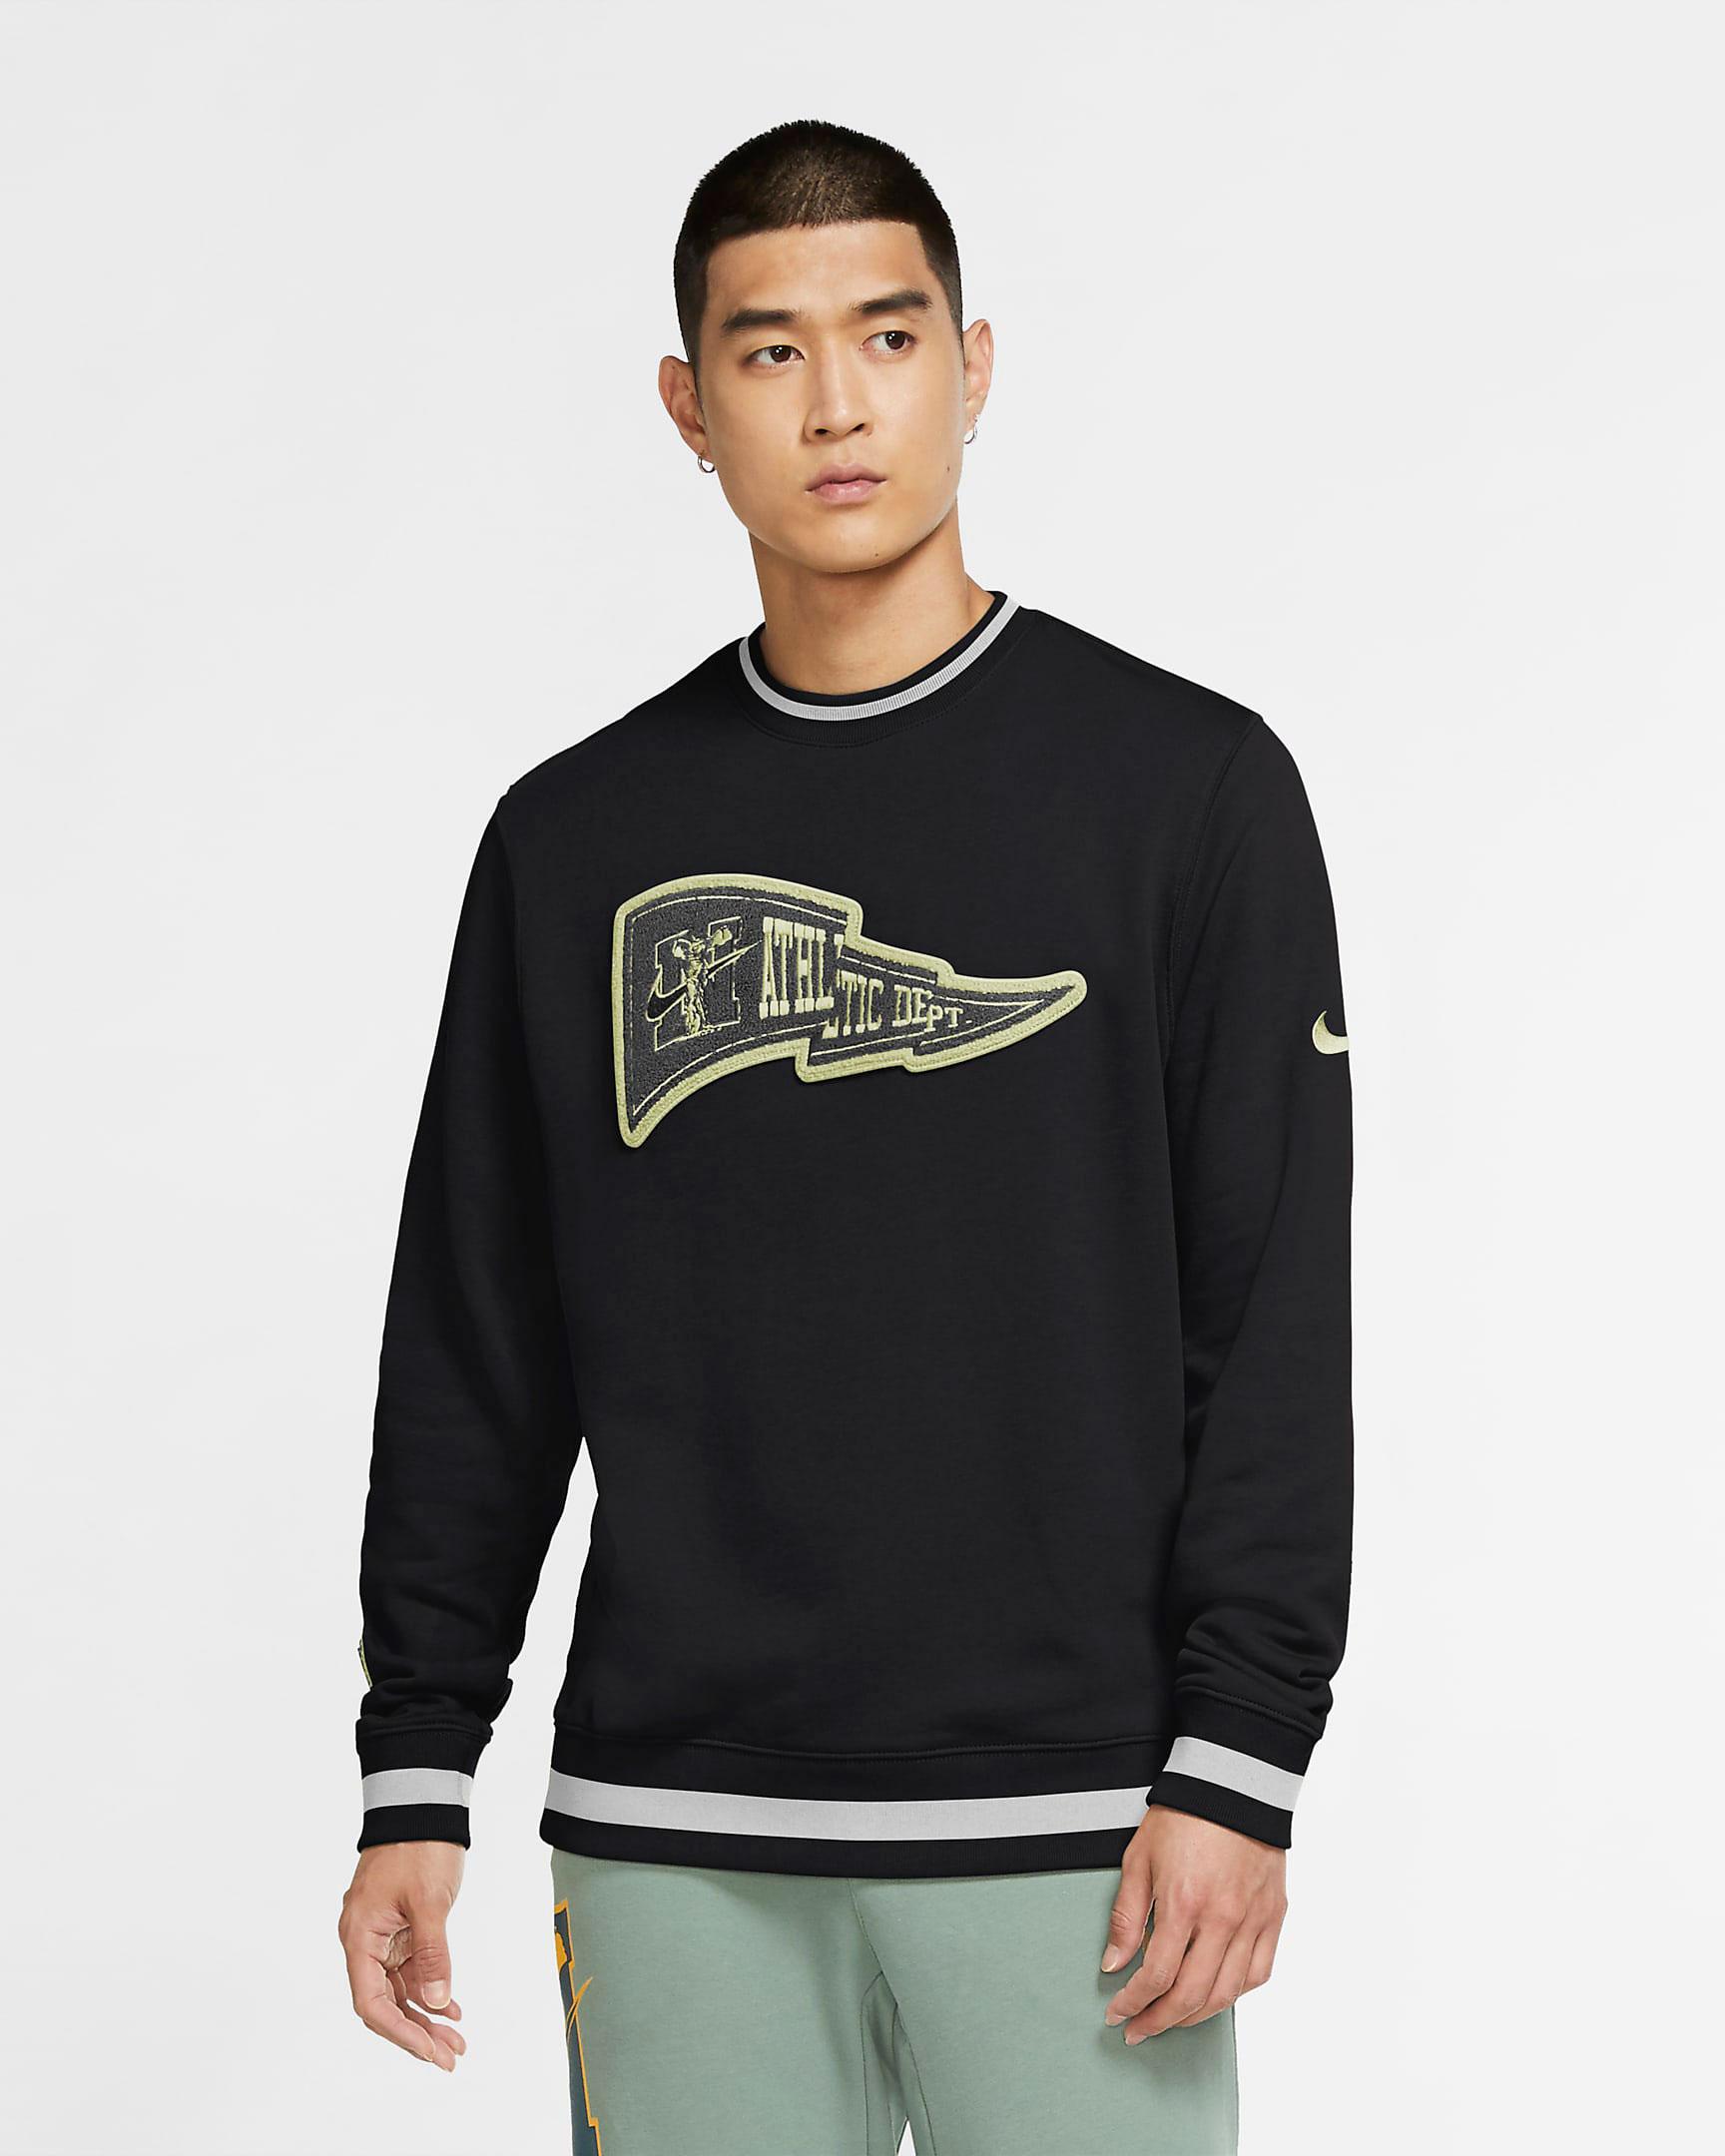 nike-sportswear-class-of-72-sweatshirt-black-volt